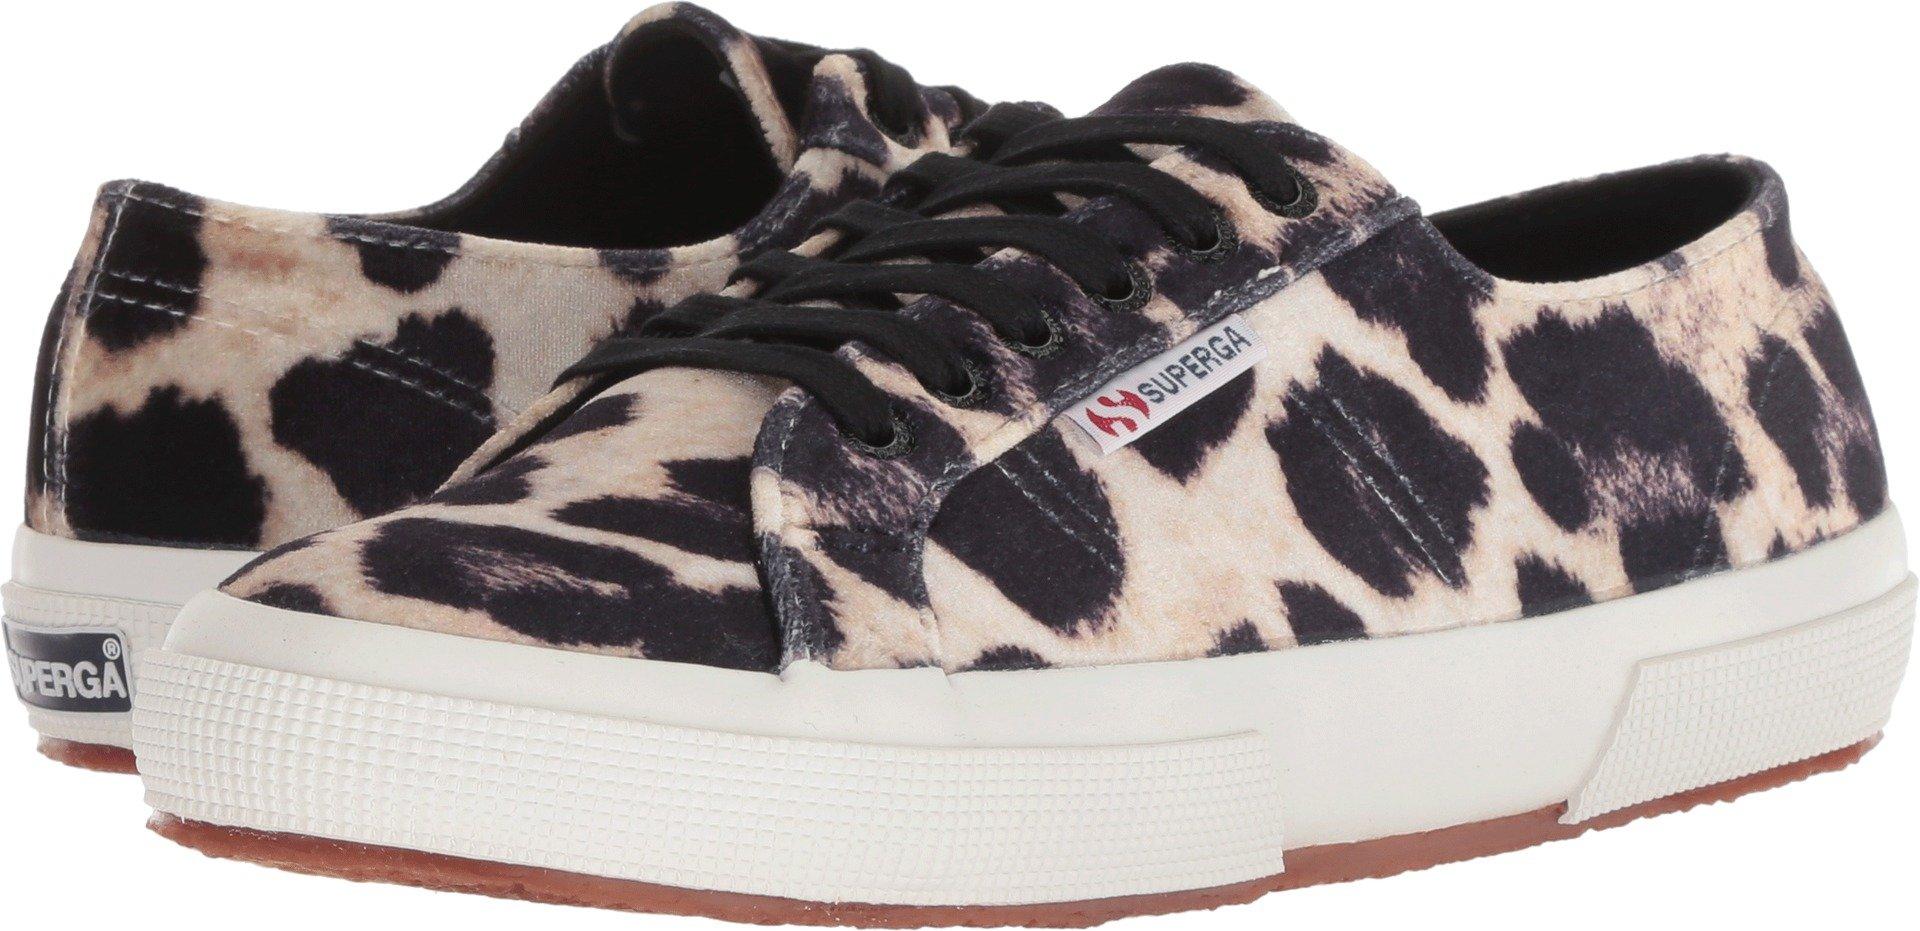 Superga Women's 2750 Fanvelw Sneaker, Leopard, 39 M US